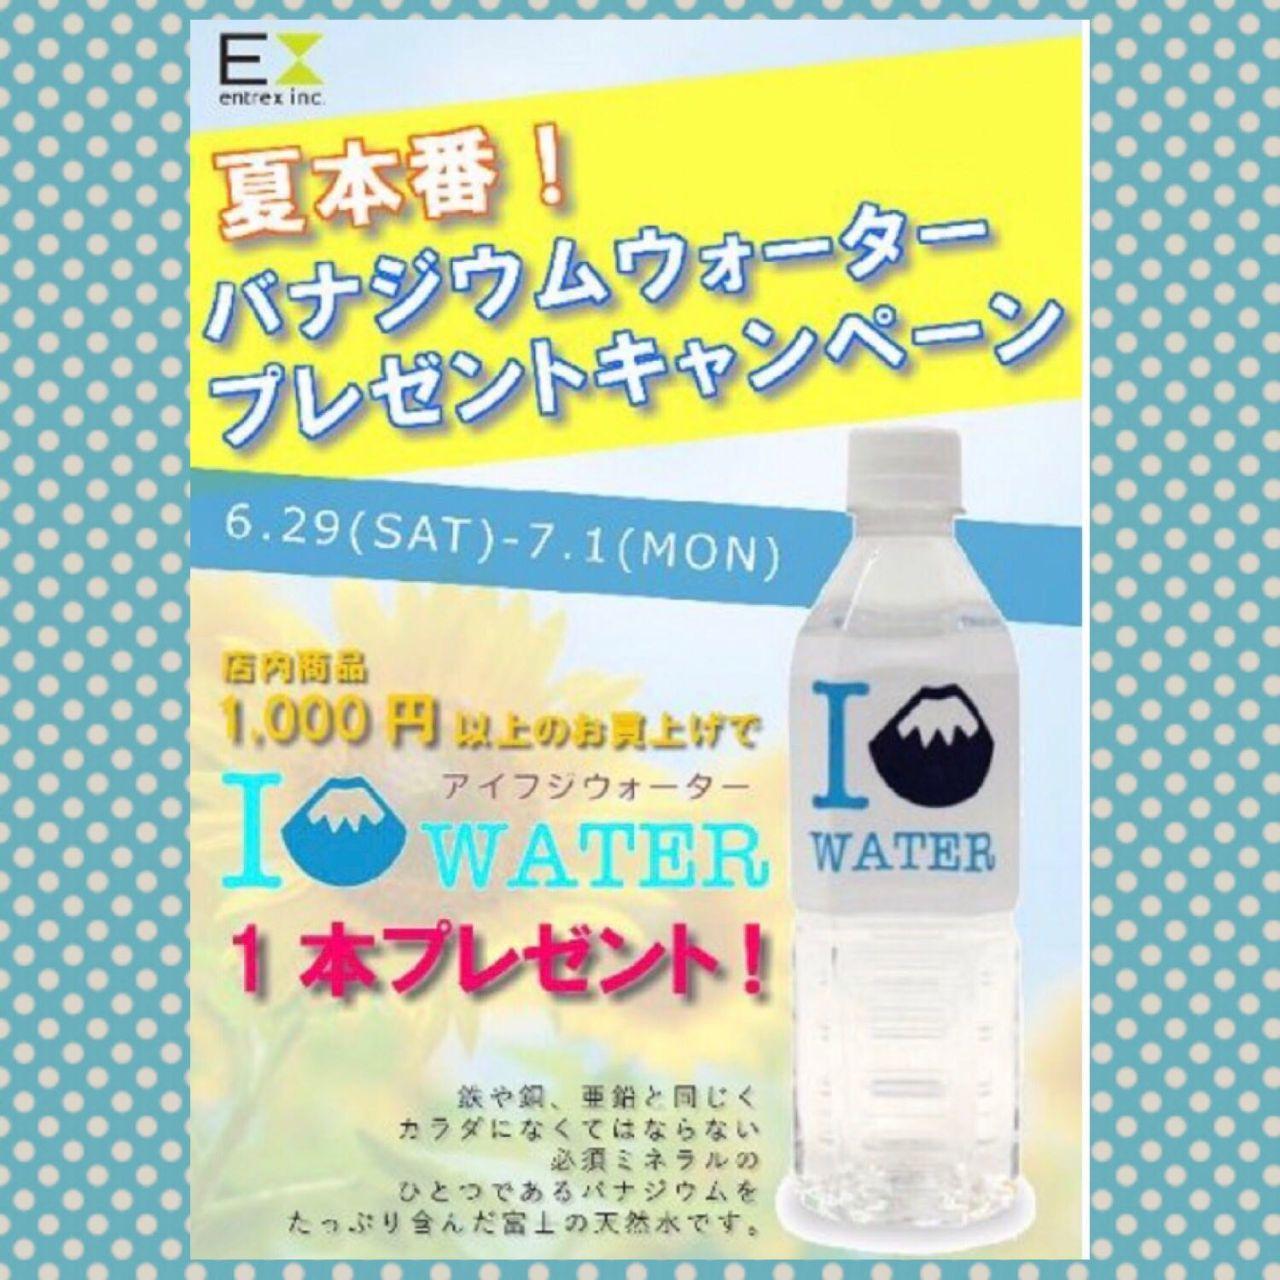 「富士山のお水プレゼント!」の写真